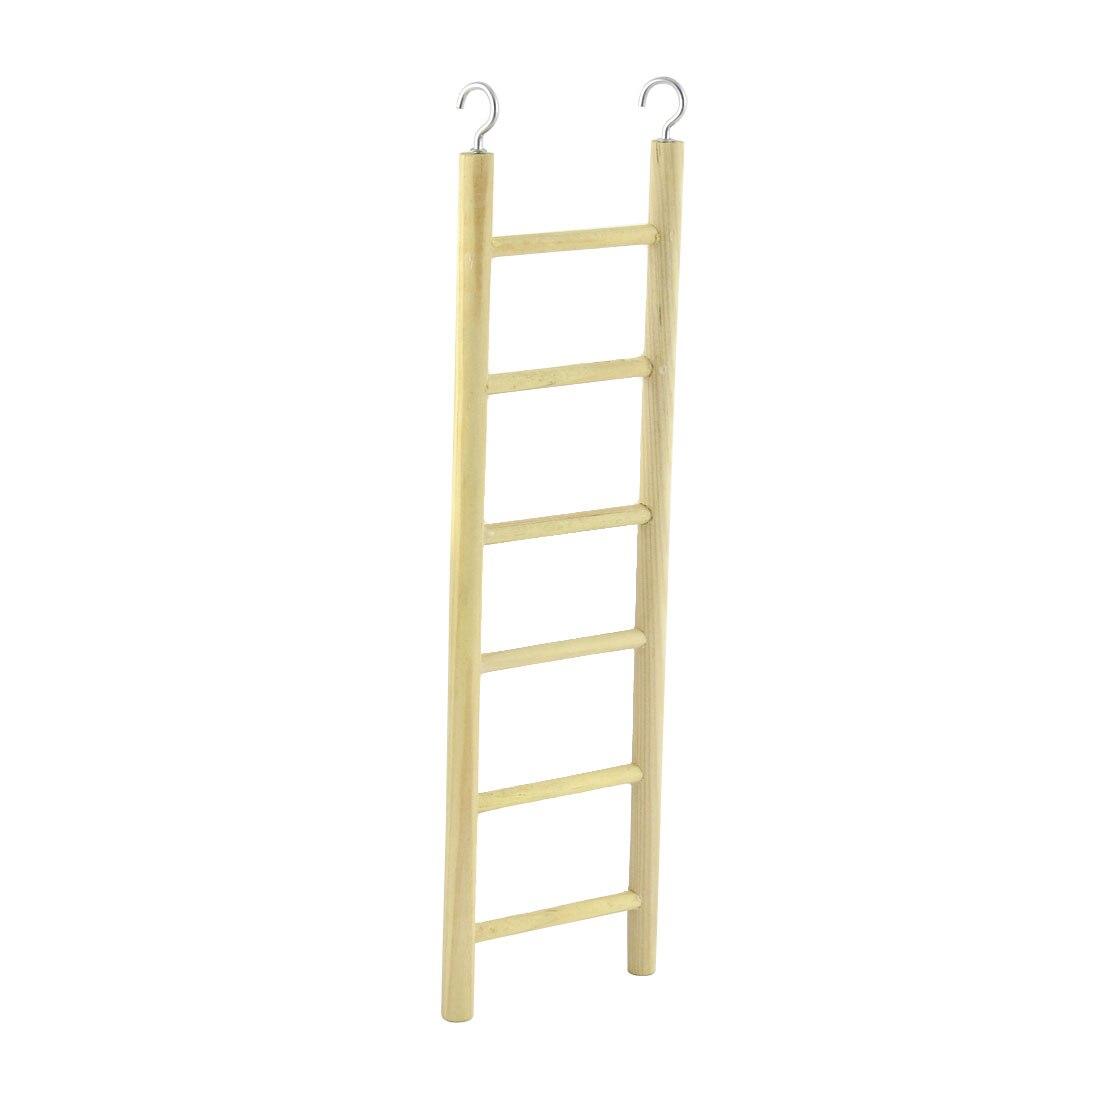 uxcell budgie canario pjaro de metal gancho de juegos juguetes de madera escalera de pasos